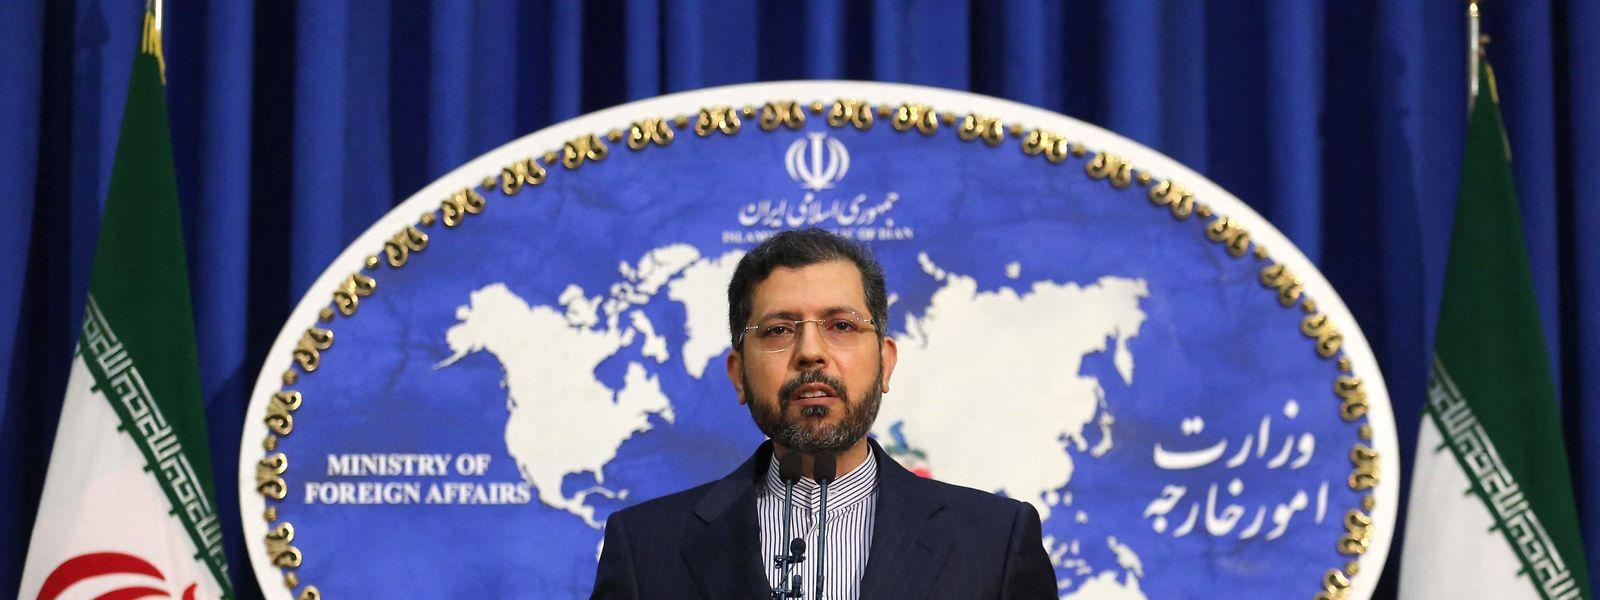 Der Sprecher des iranischen Außenministerium, Saied Khatibzadeh, informiert über die temporäre Vereinbarung zu den Atominspektionen.